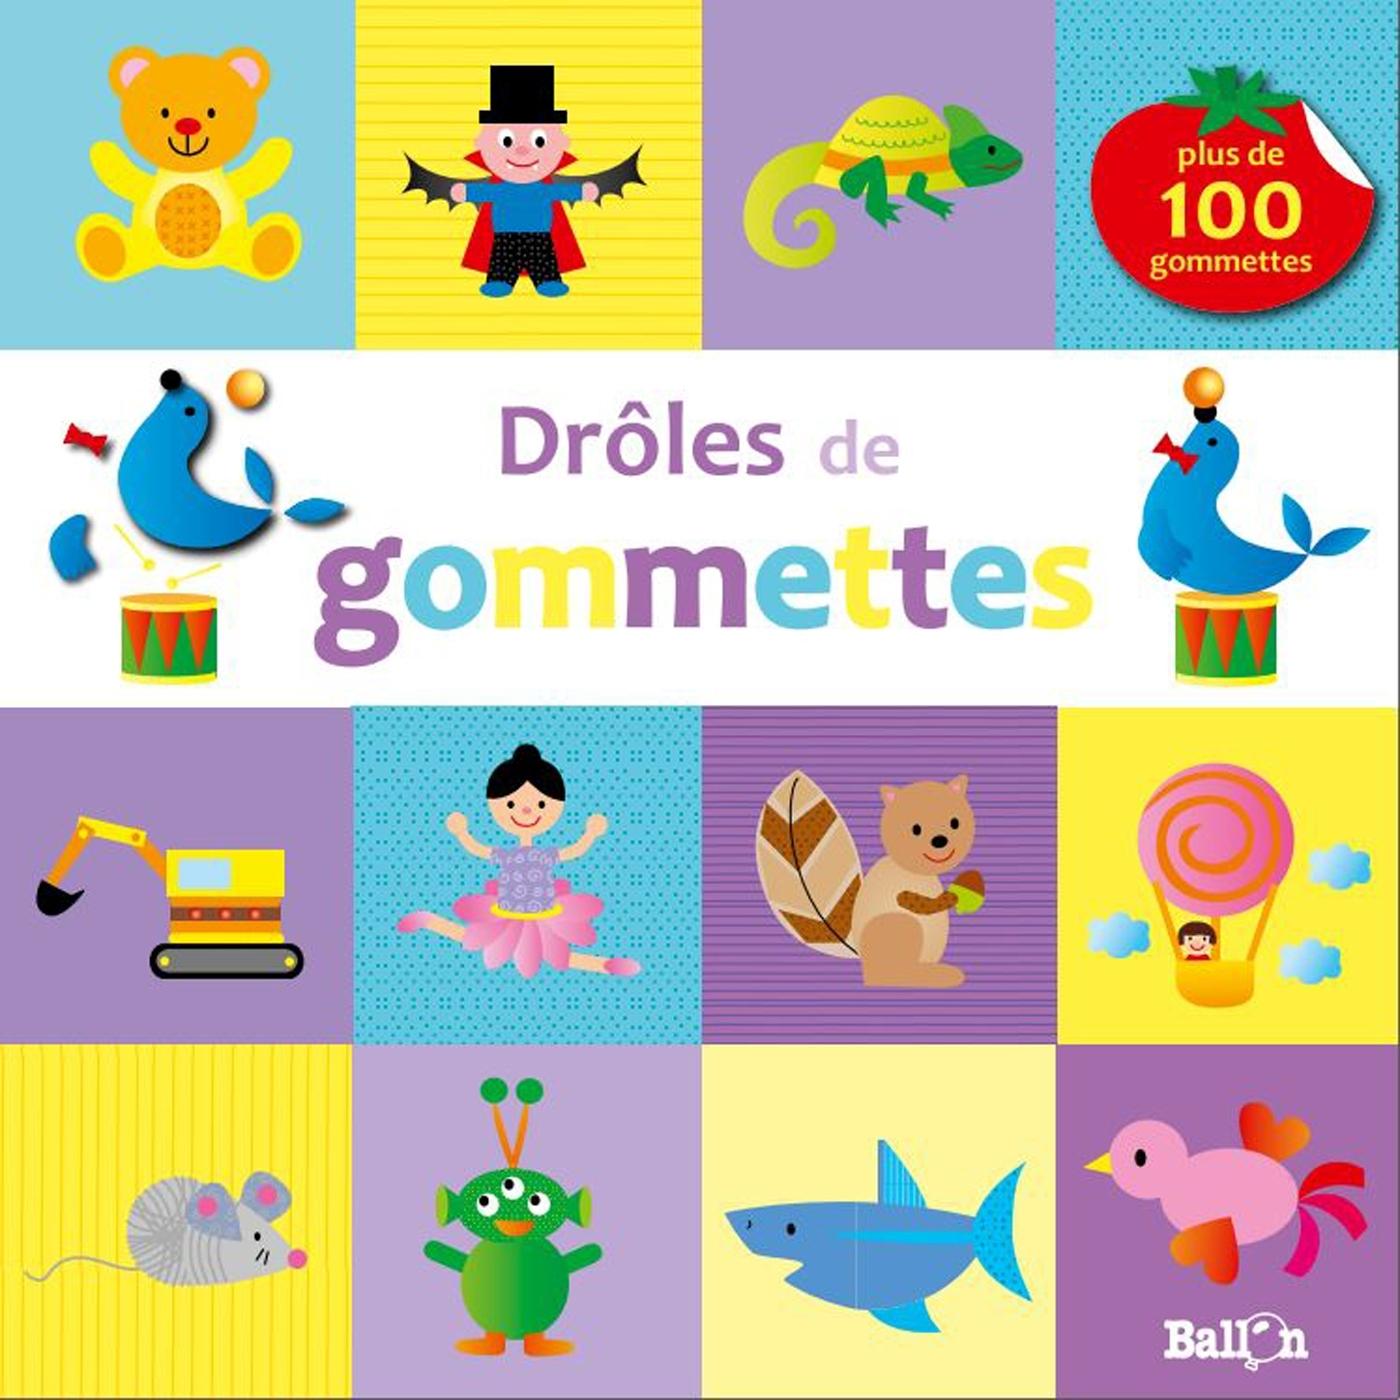 DROLES DE GOMMETTES : OTARIE